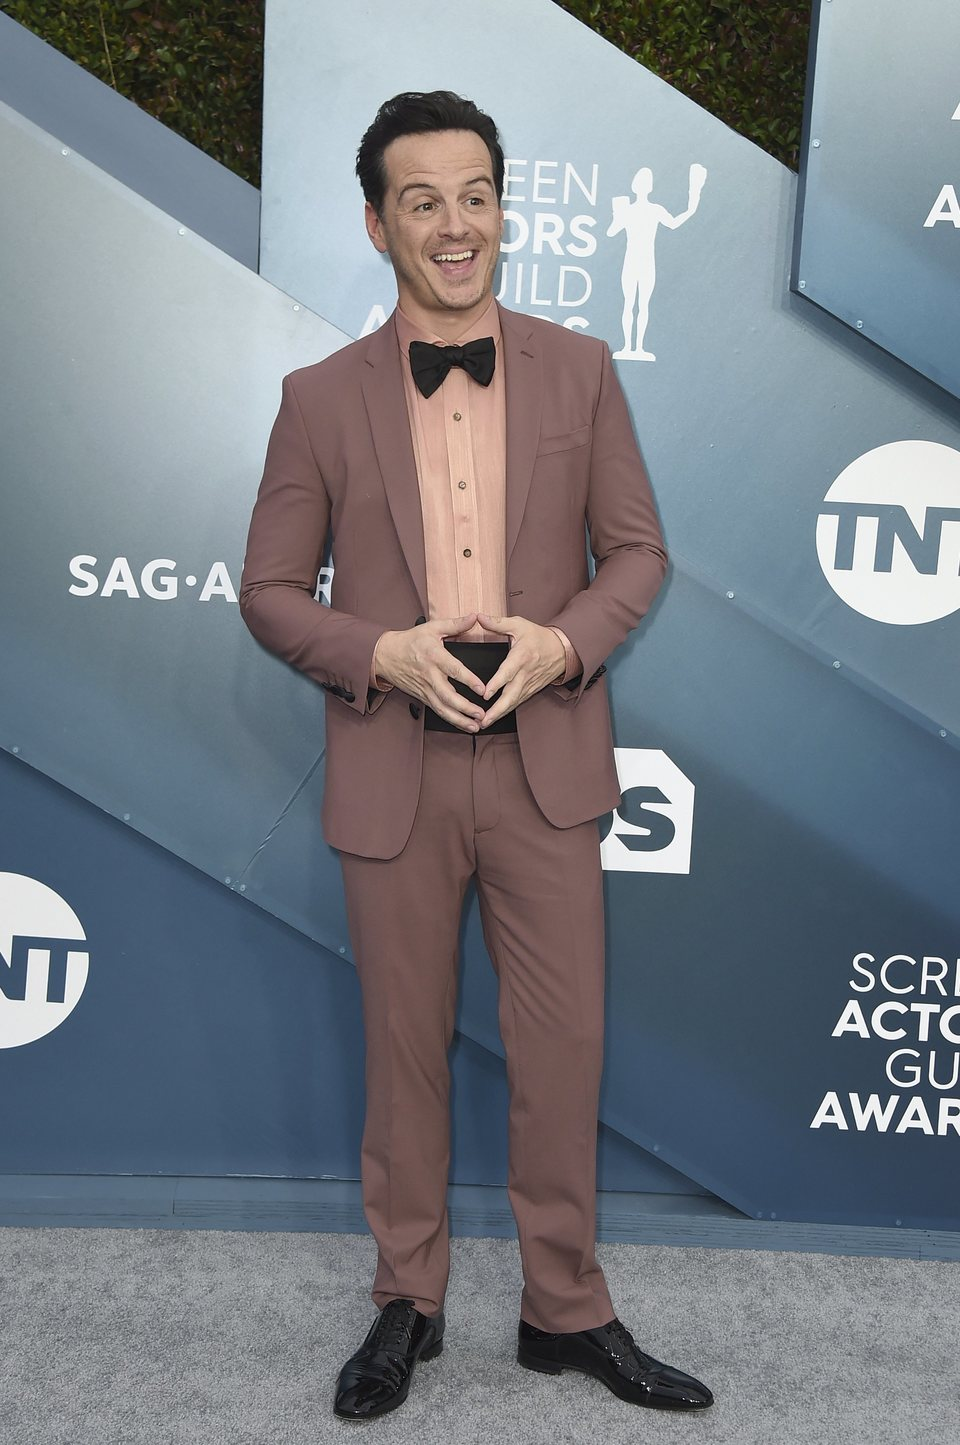 Andrew Scott en la alfombra roja de los SAG Awards 2020